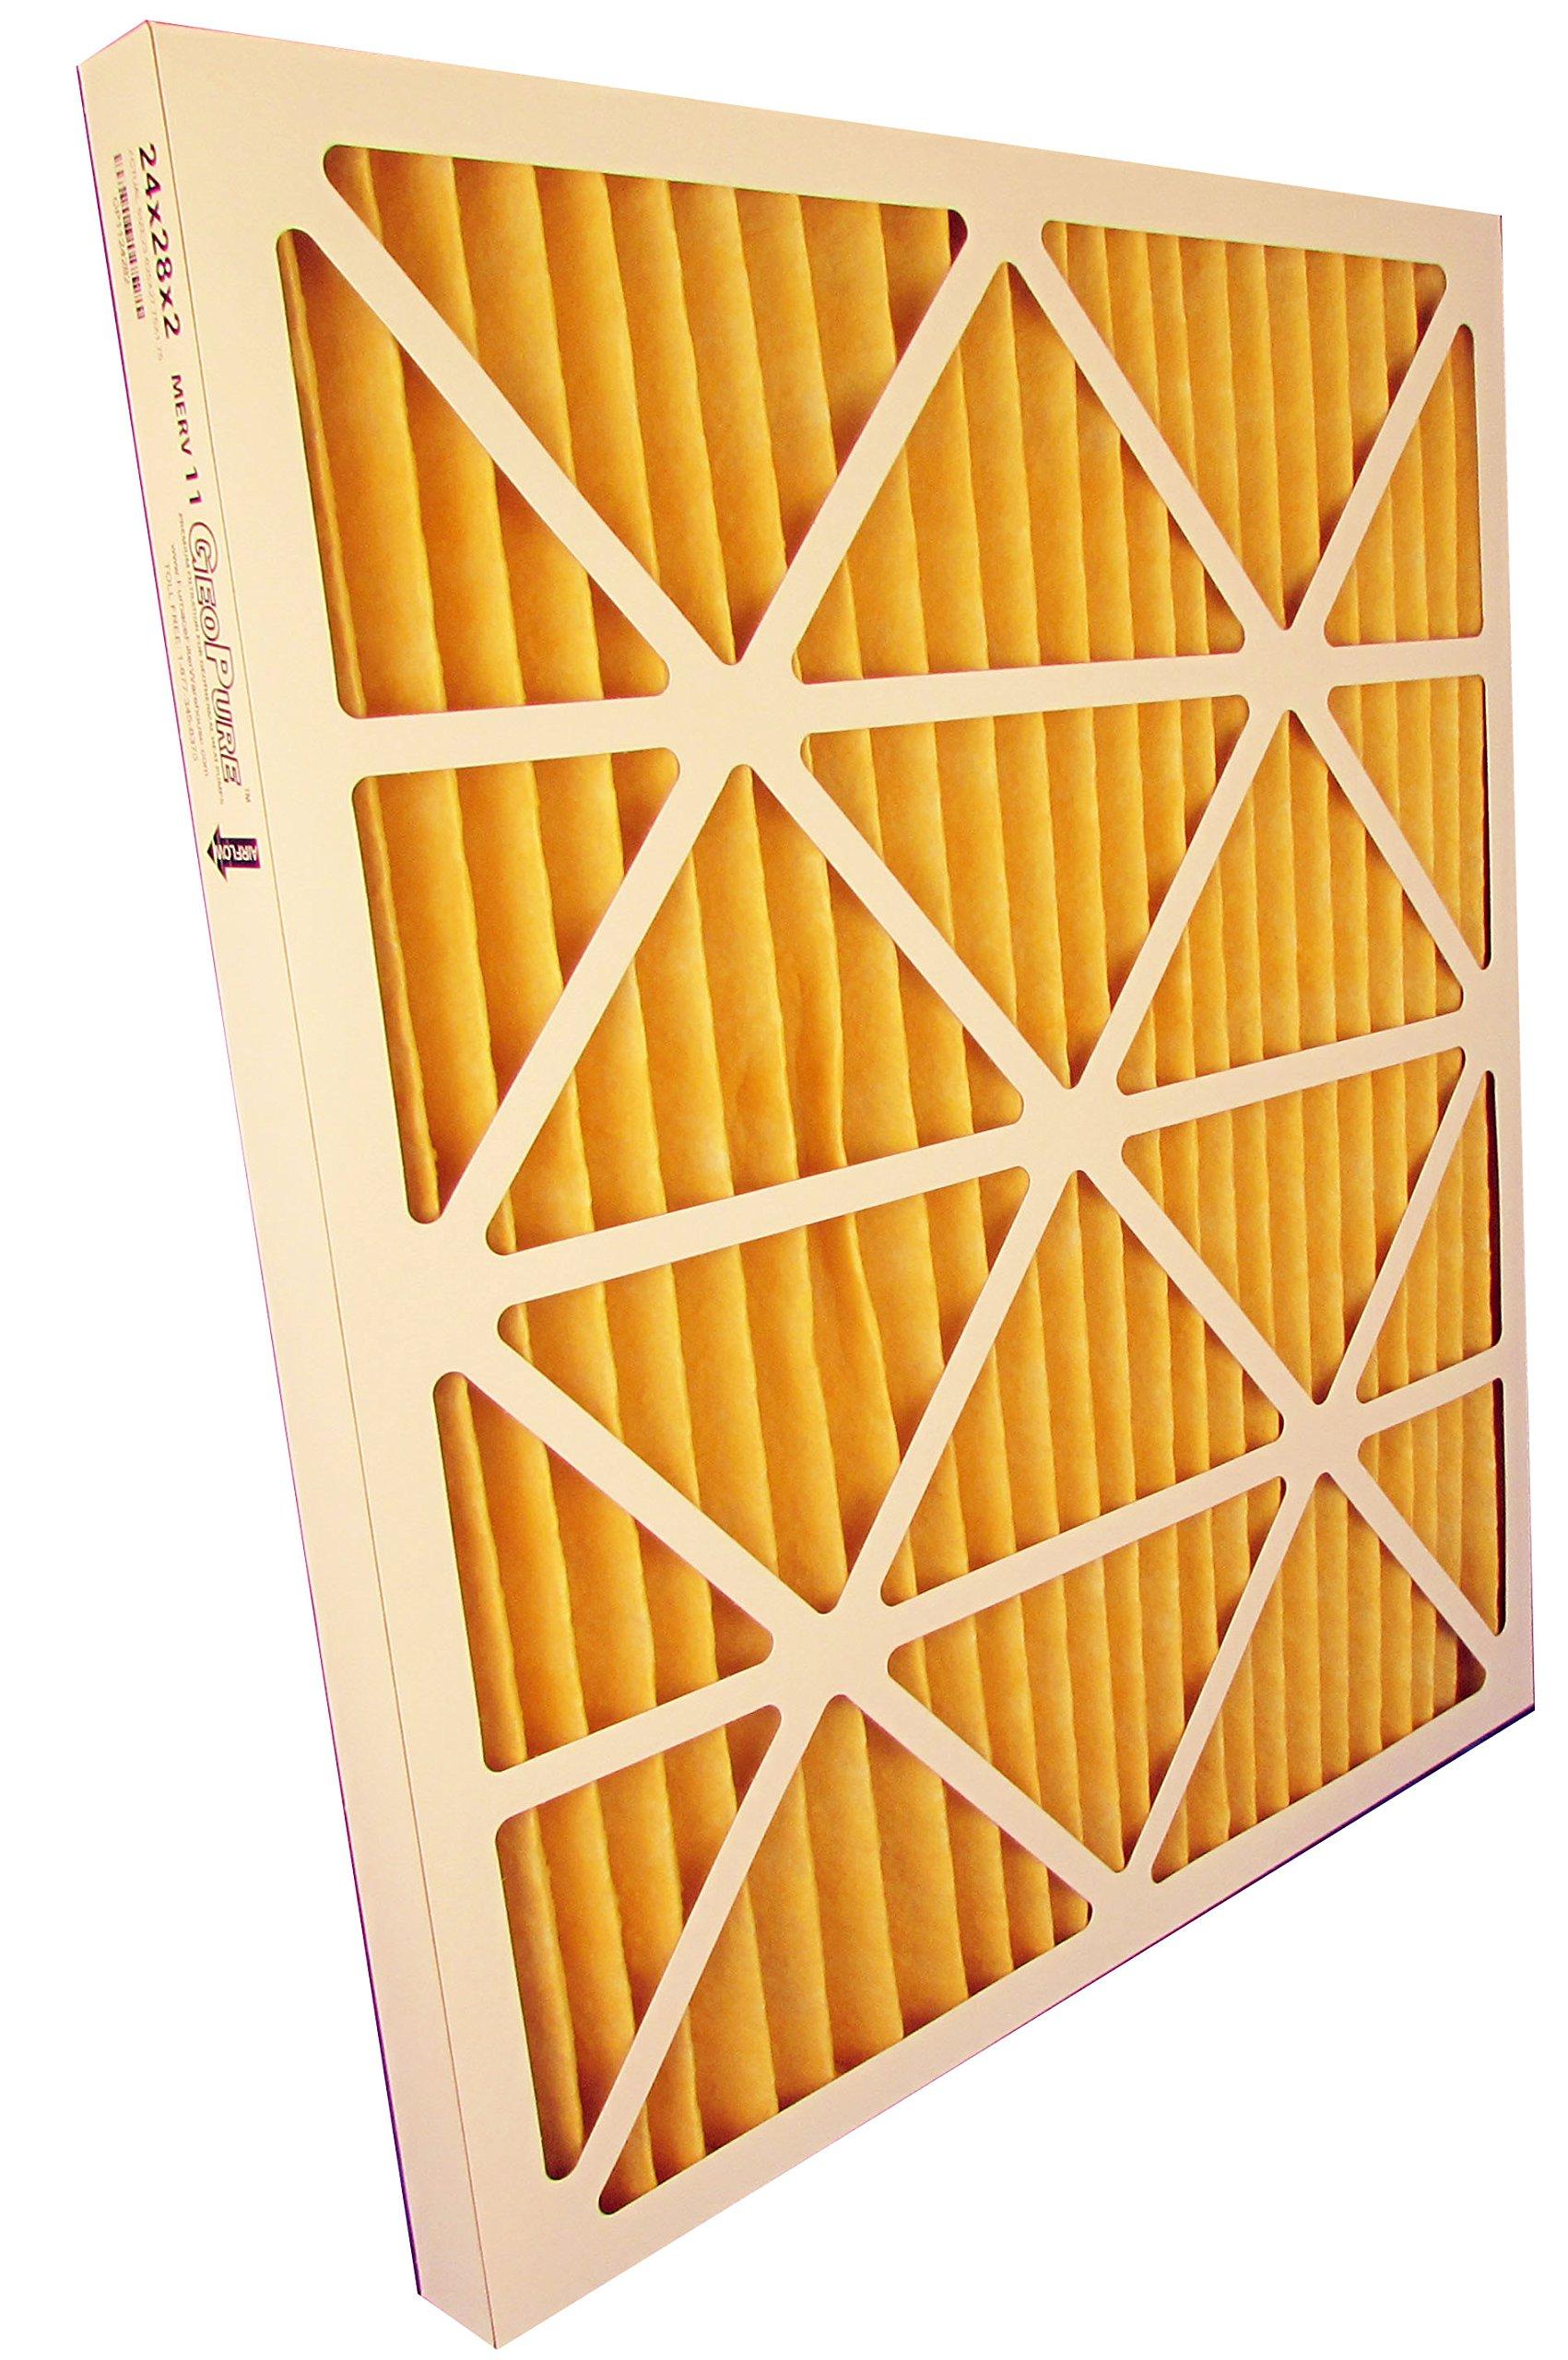 24x28x2 MERV 11 GeoPure Geothermal Air Filter (pack of 6)